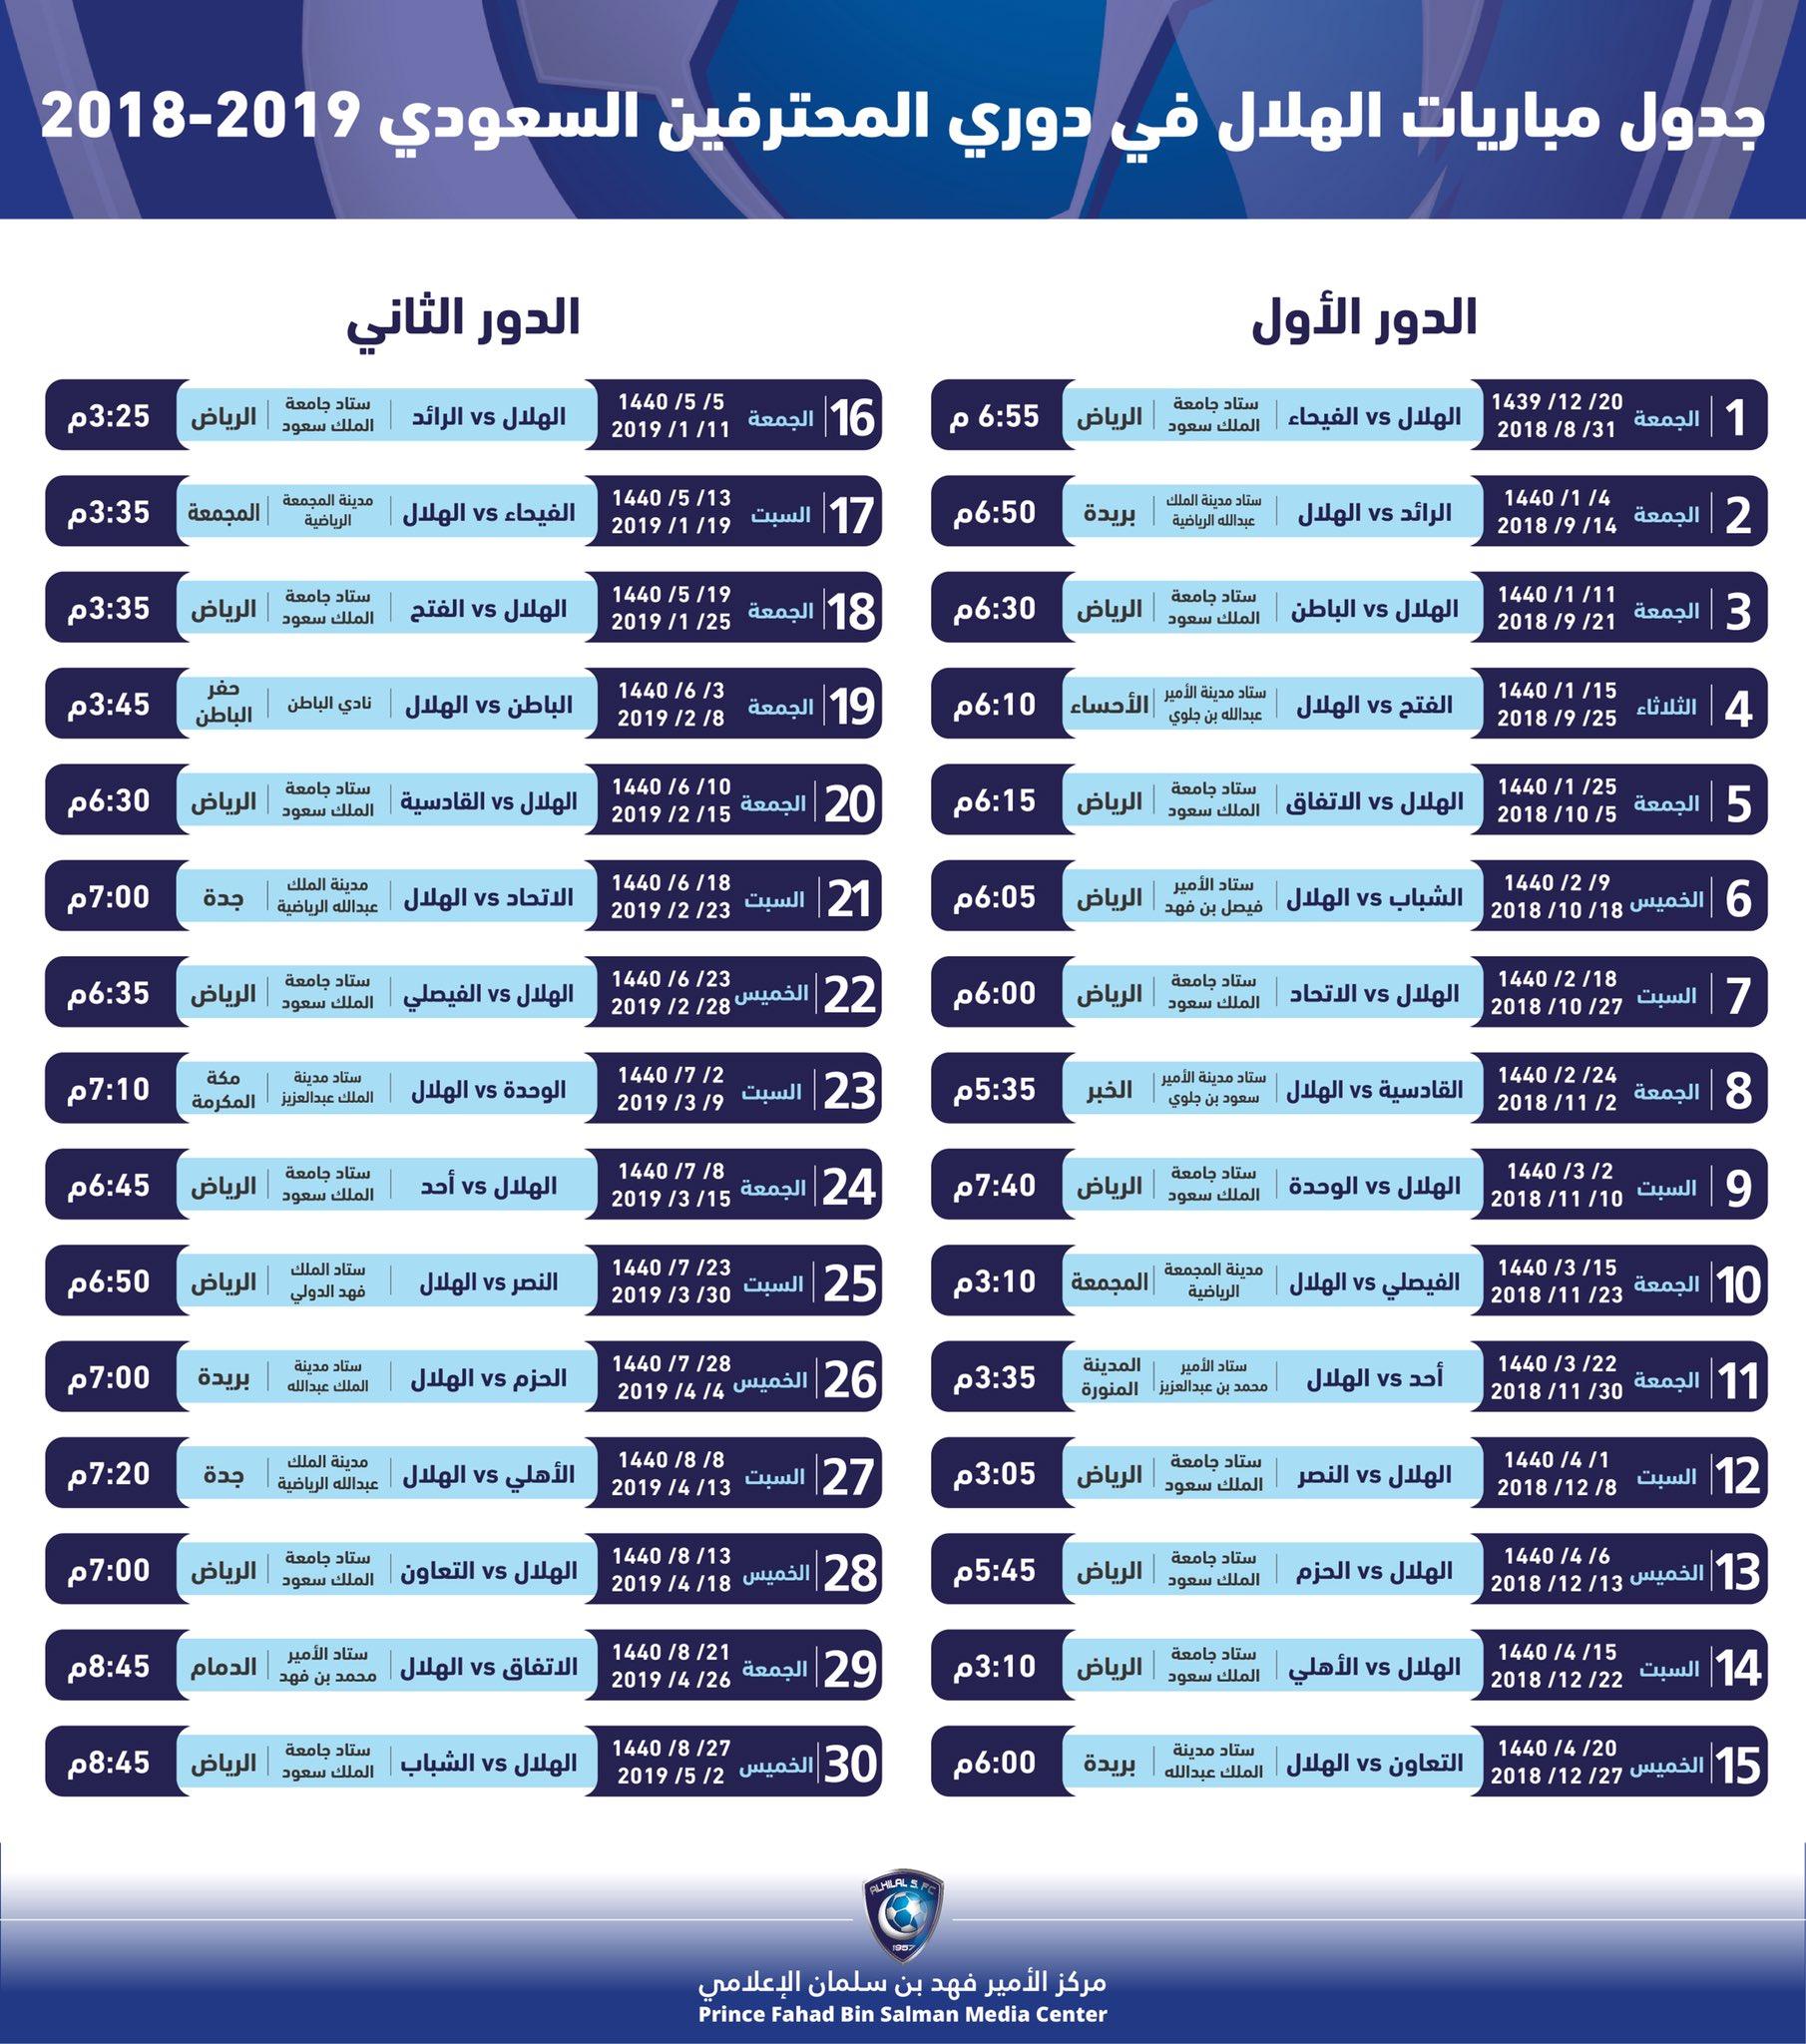 جدول مباريات الدوري السعودي الهلال